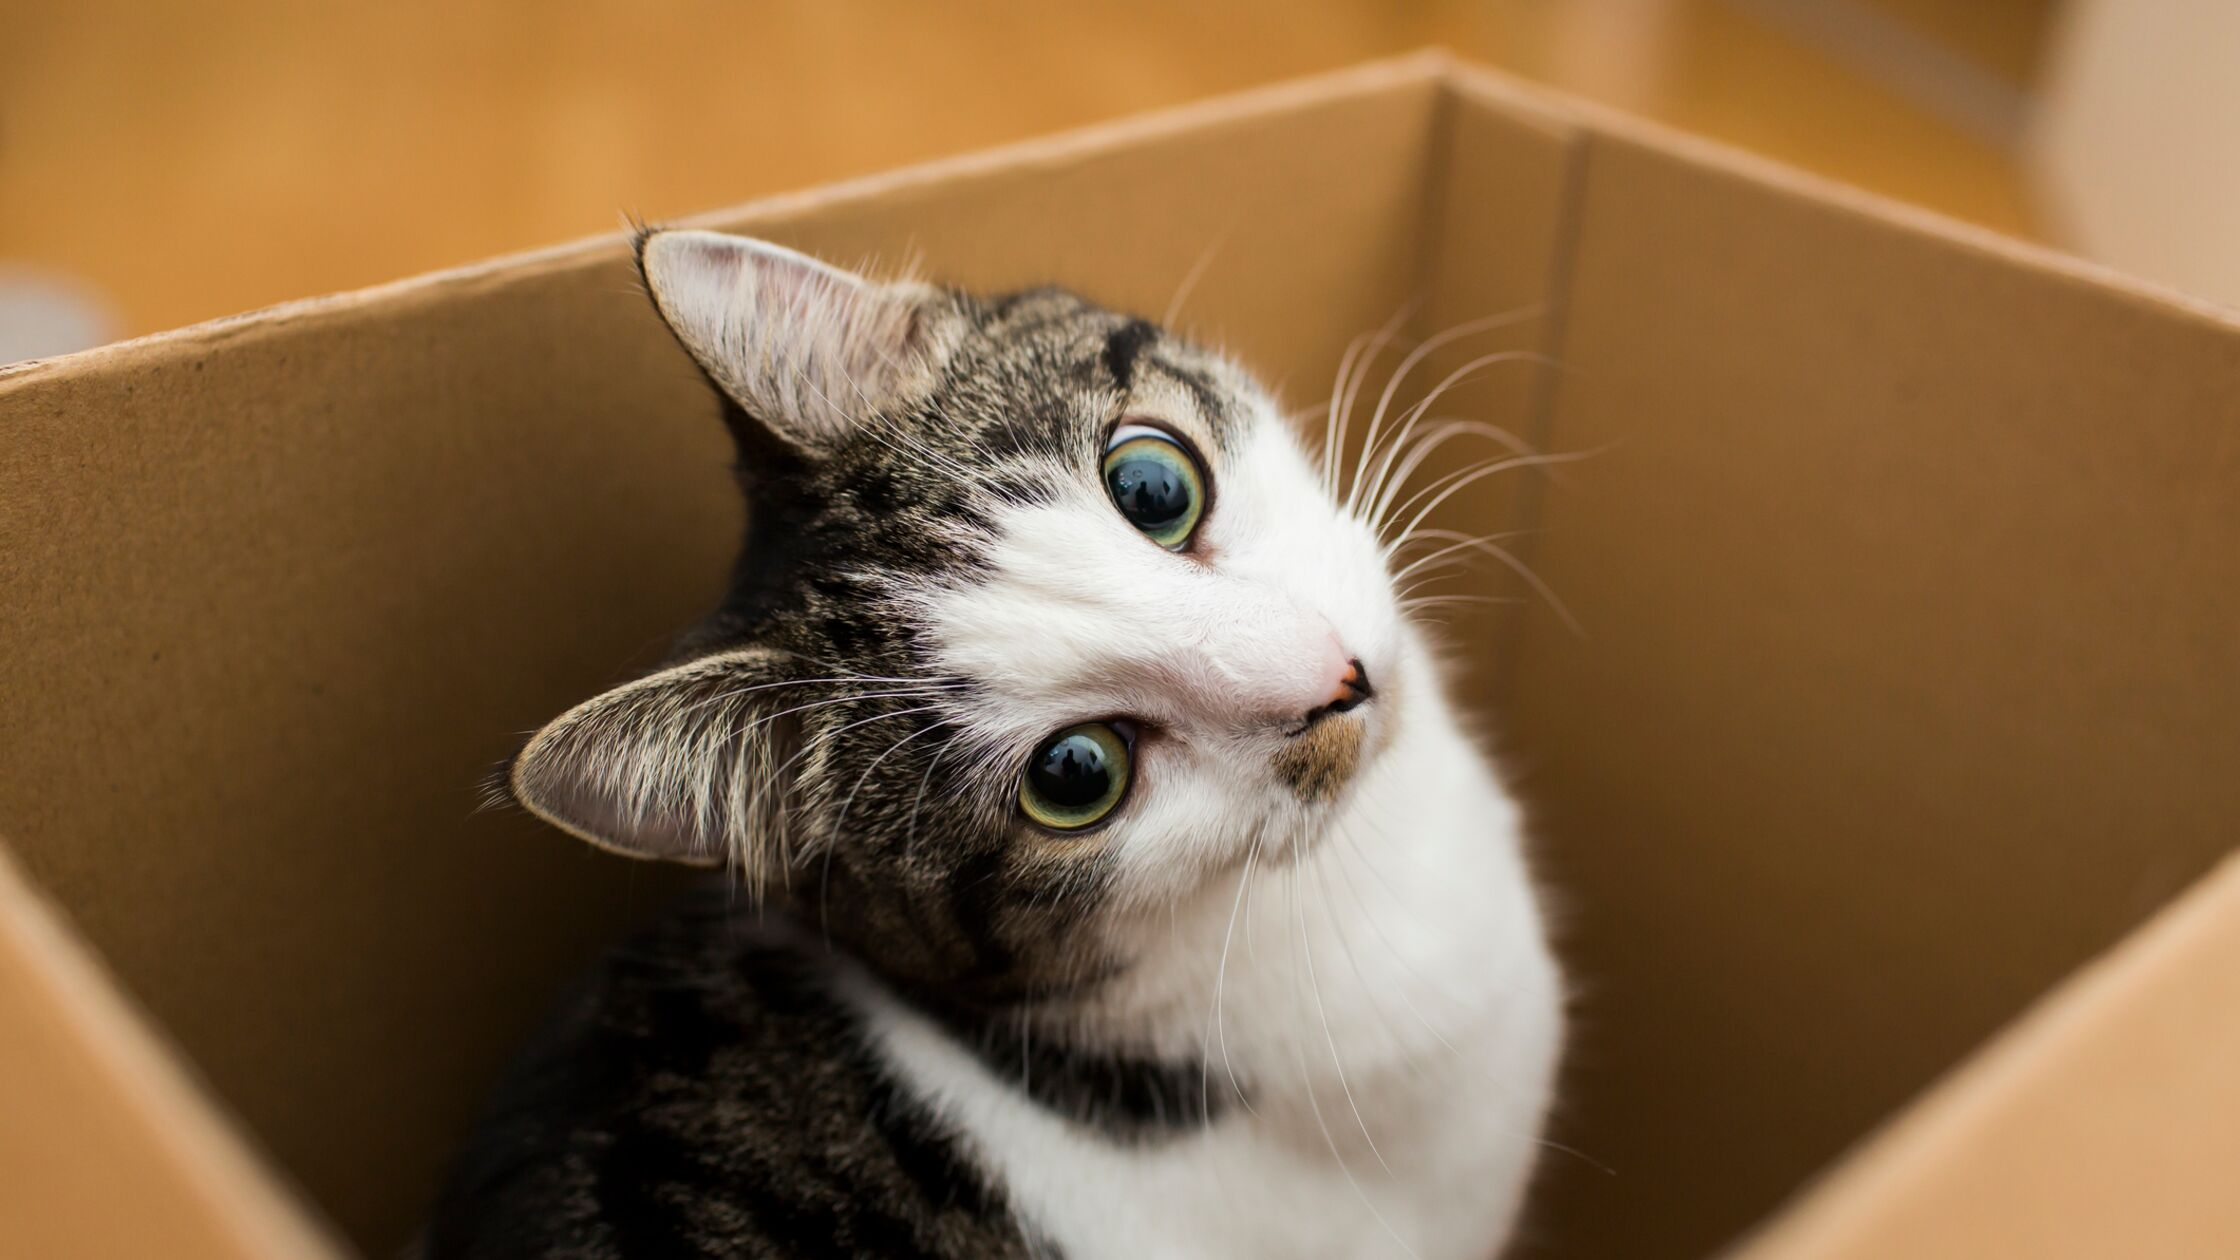 Katze sitzt in einem Karton